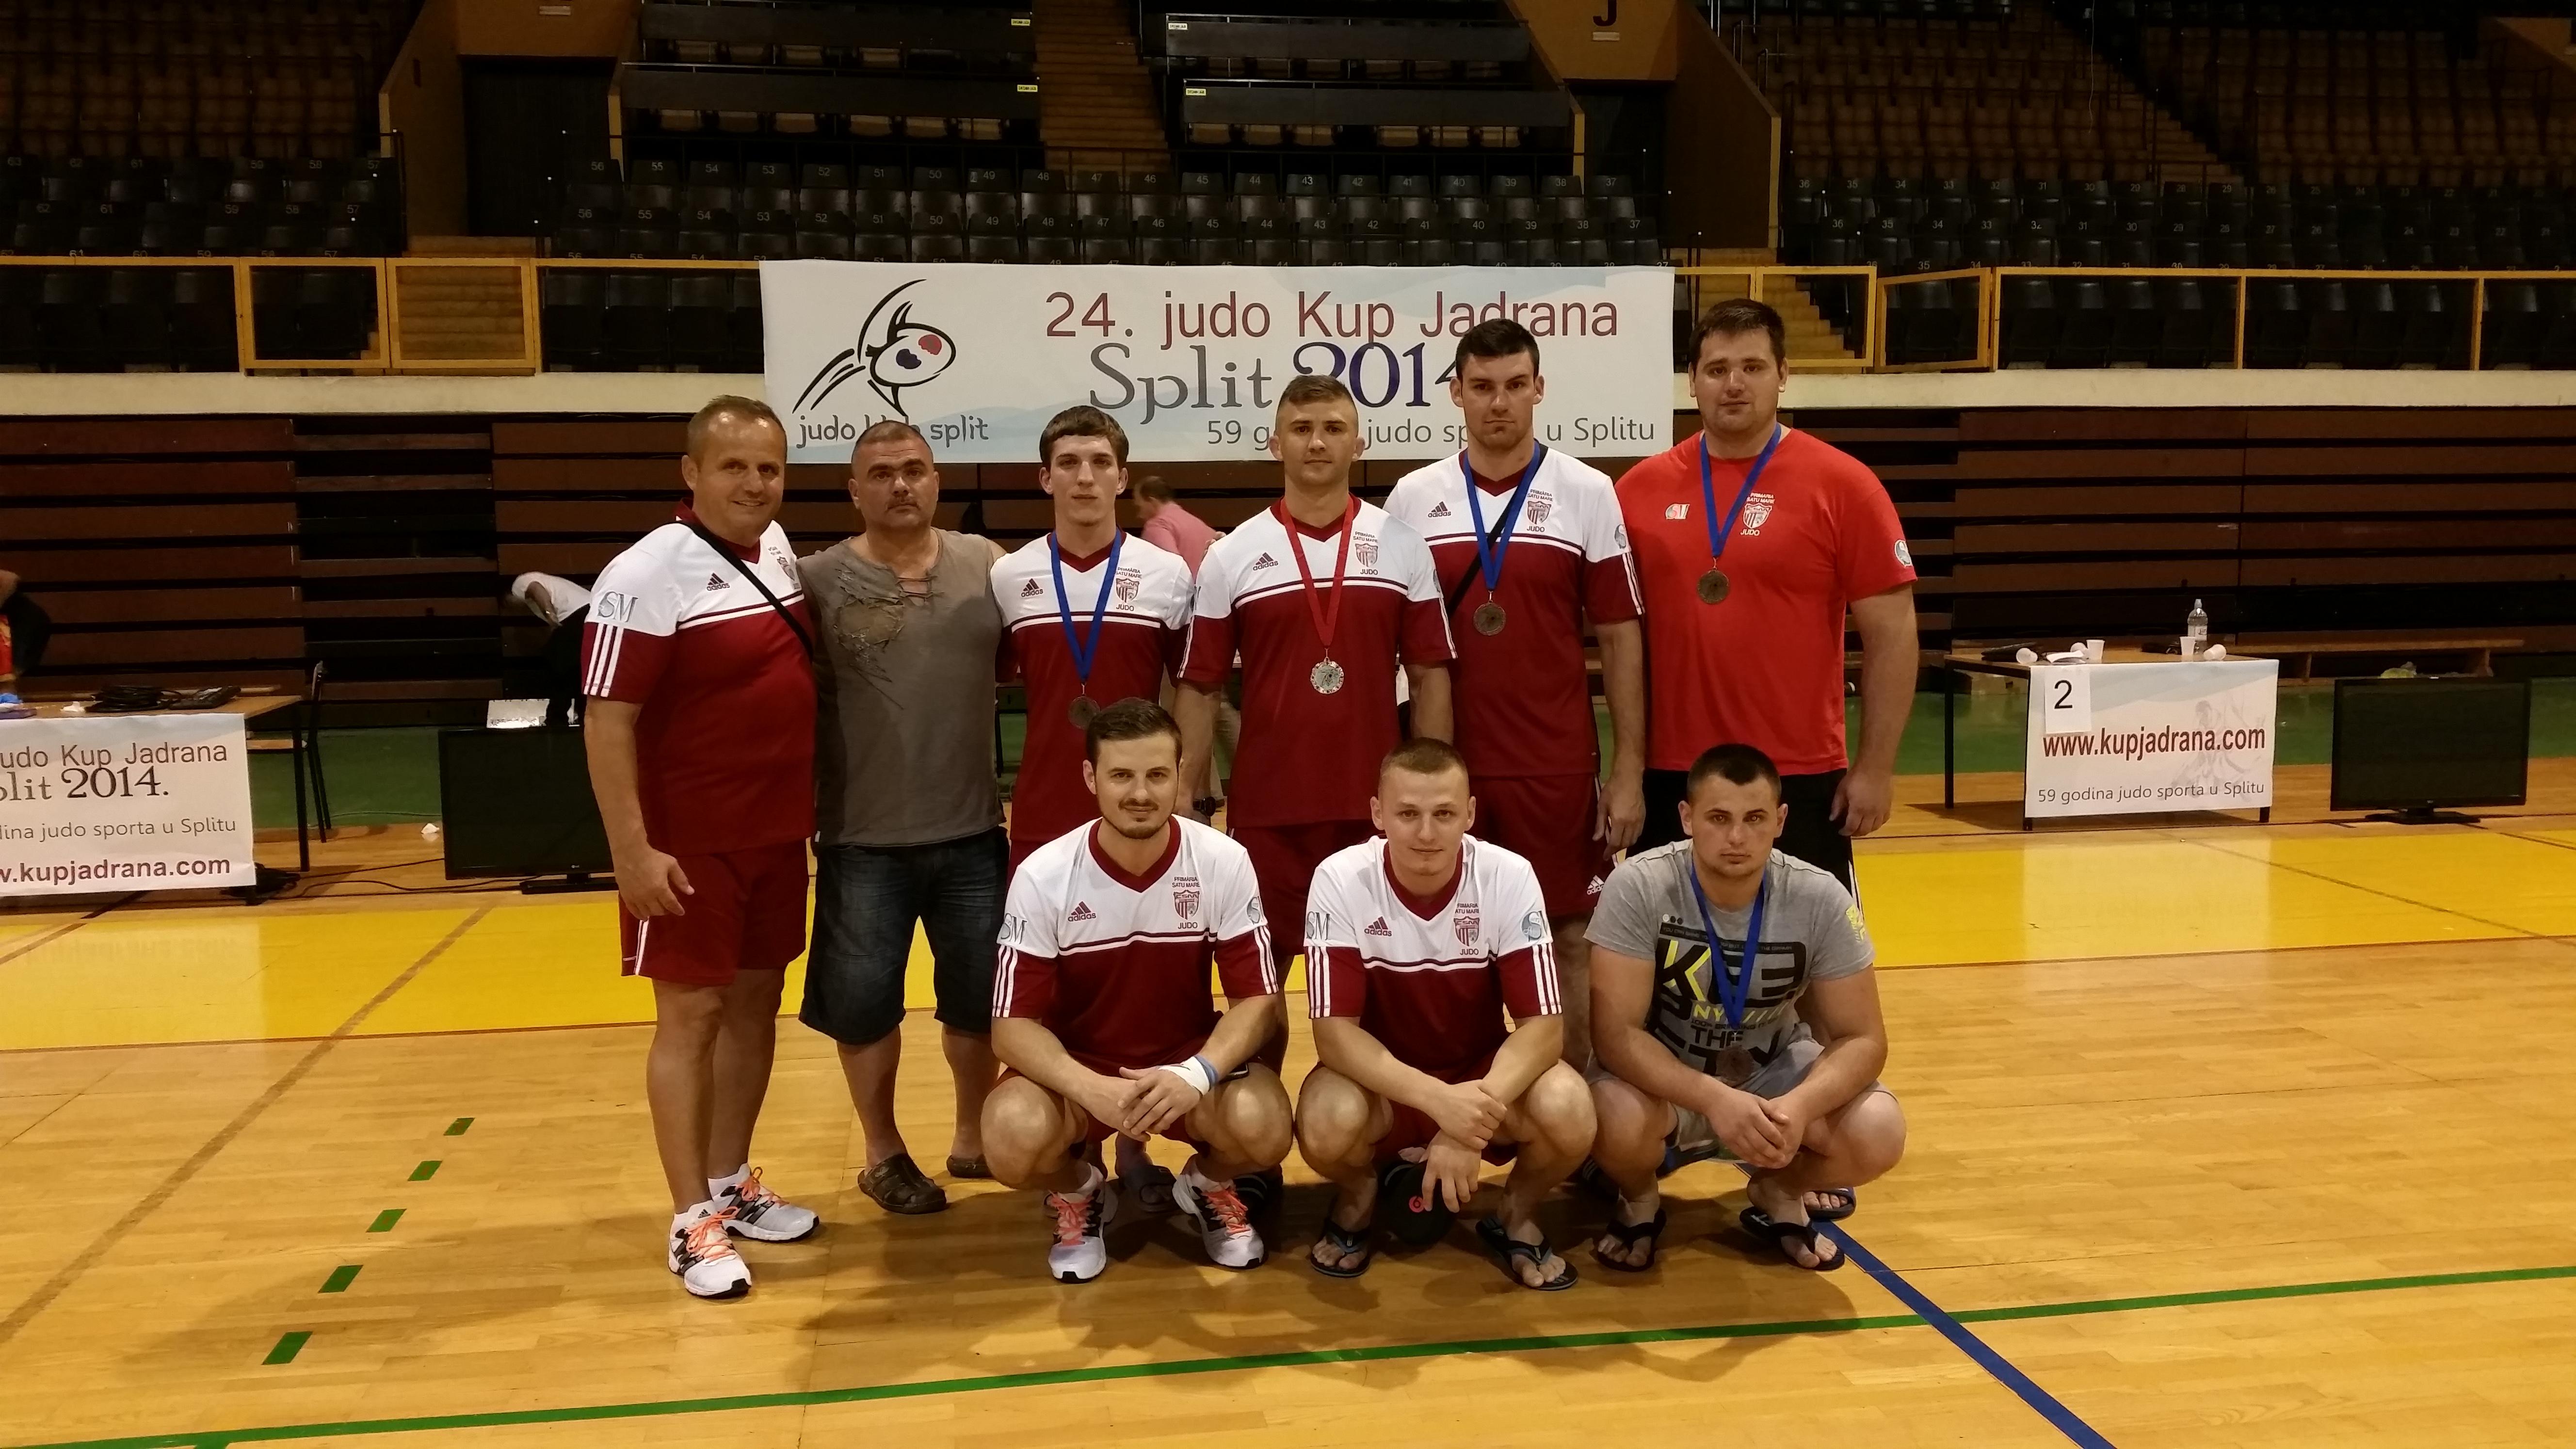 Patru medalii pentru CSM Satu Mare la Turneul International de Judo de la Split